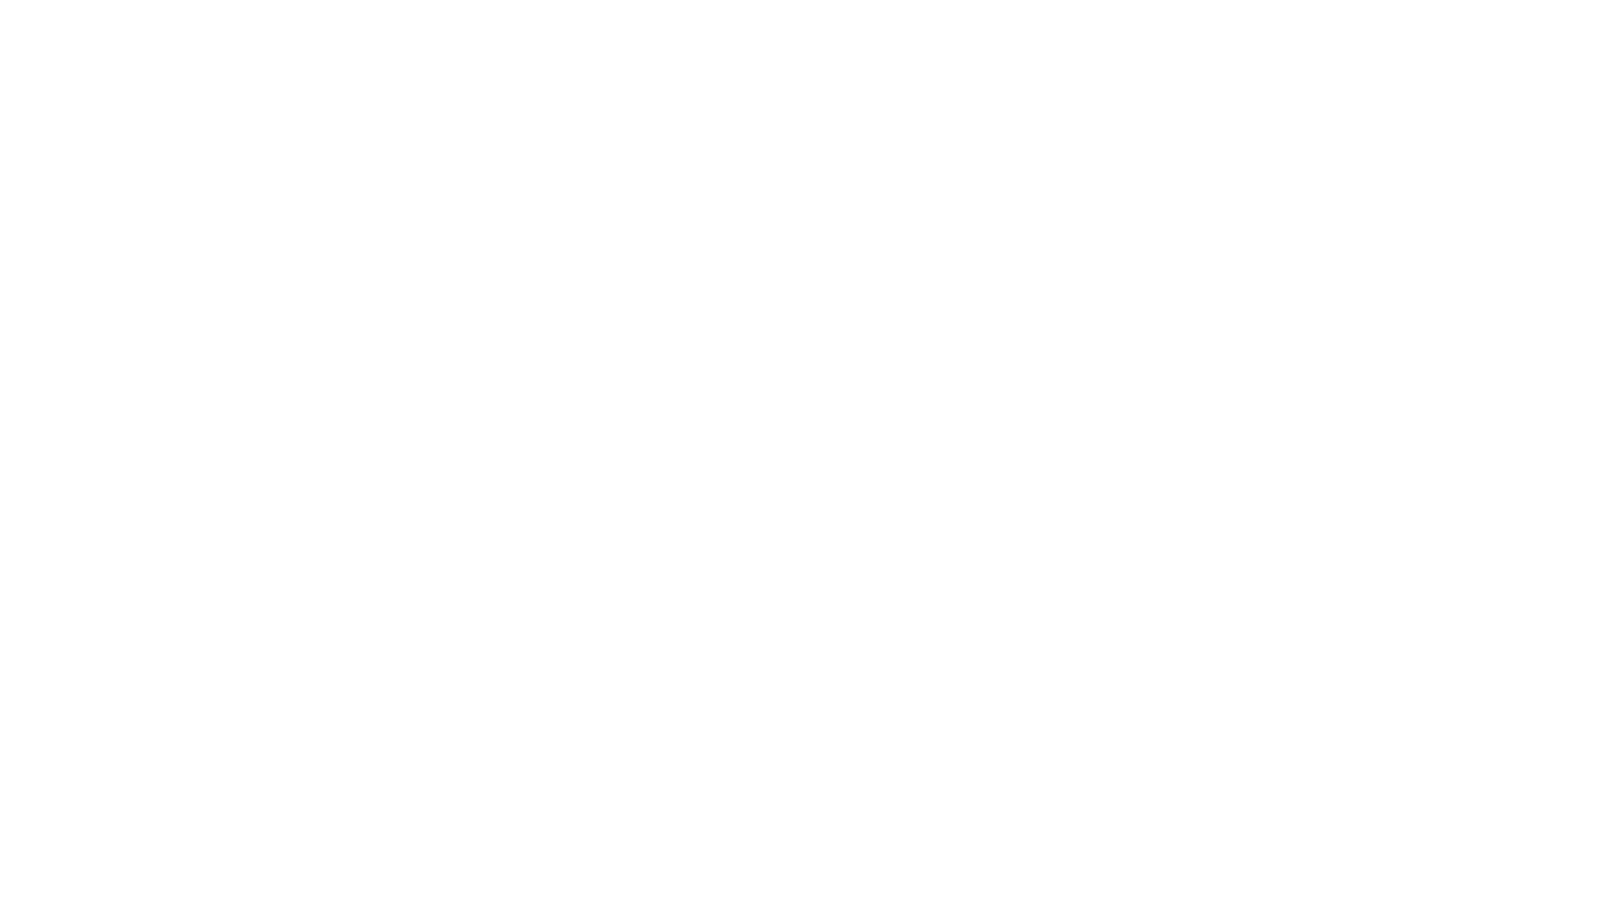 """Encontrando Paulo Freire é um longa-metragem inédito sobre Paulo Freire. Antes do longa, a TVT exibe um bate papo de 30 minutos com David Oliver e Julio Wainer, produtores do curta.  Acompanhe!  #PauloFreire #RedeTVT  📌 Fortaleça a TVT e a Rádio Brasil Atual! Manda um Pix. Chave: pix@tvt.org.br 🔔 Inscreva-se, ative o """"sininho"""" e receba os conteúdos da TVT 📱 Seja membro do nosso canal! Veja como: https://bit.ly/2VT0hI0"""